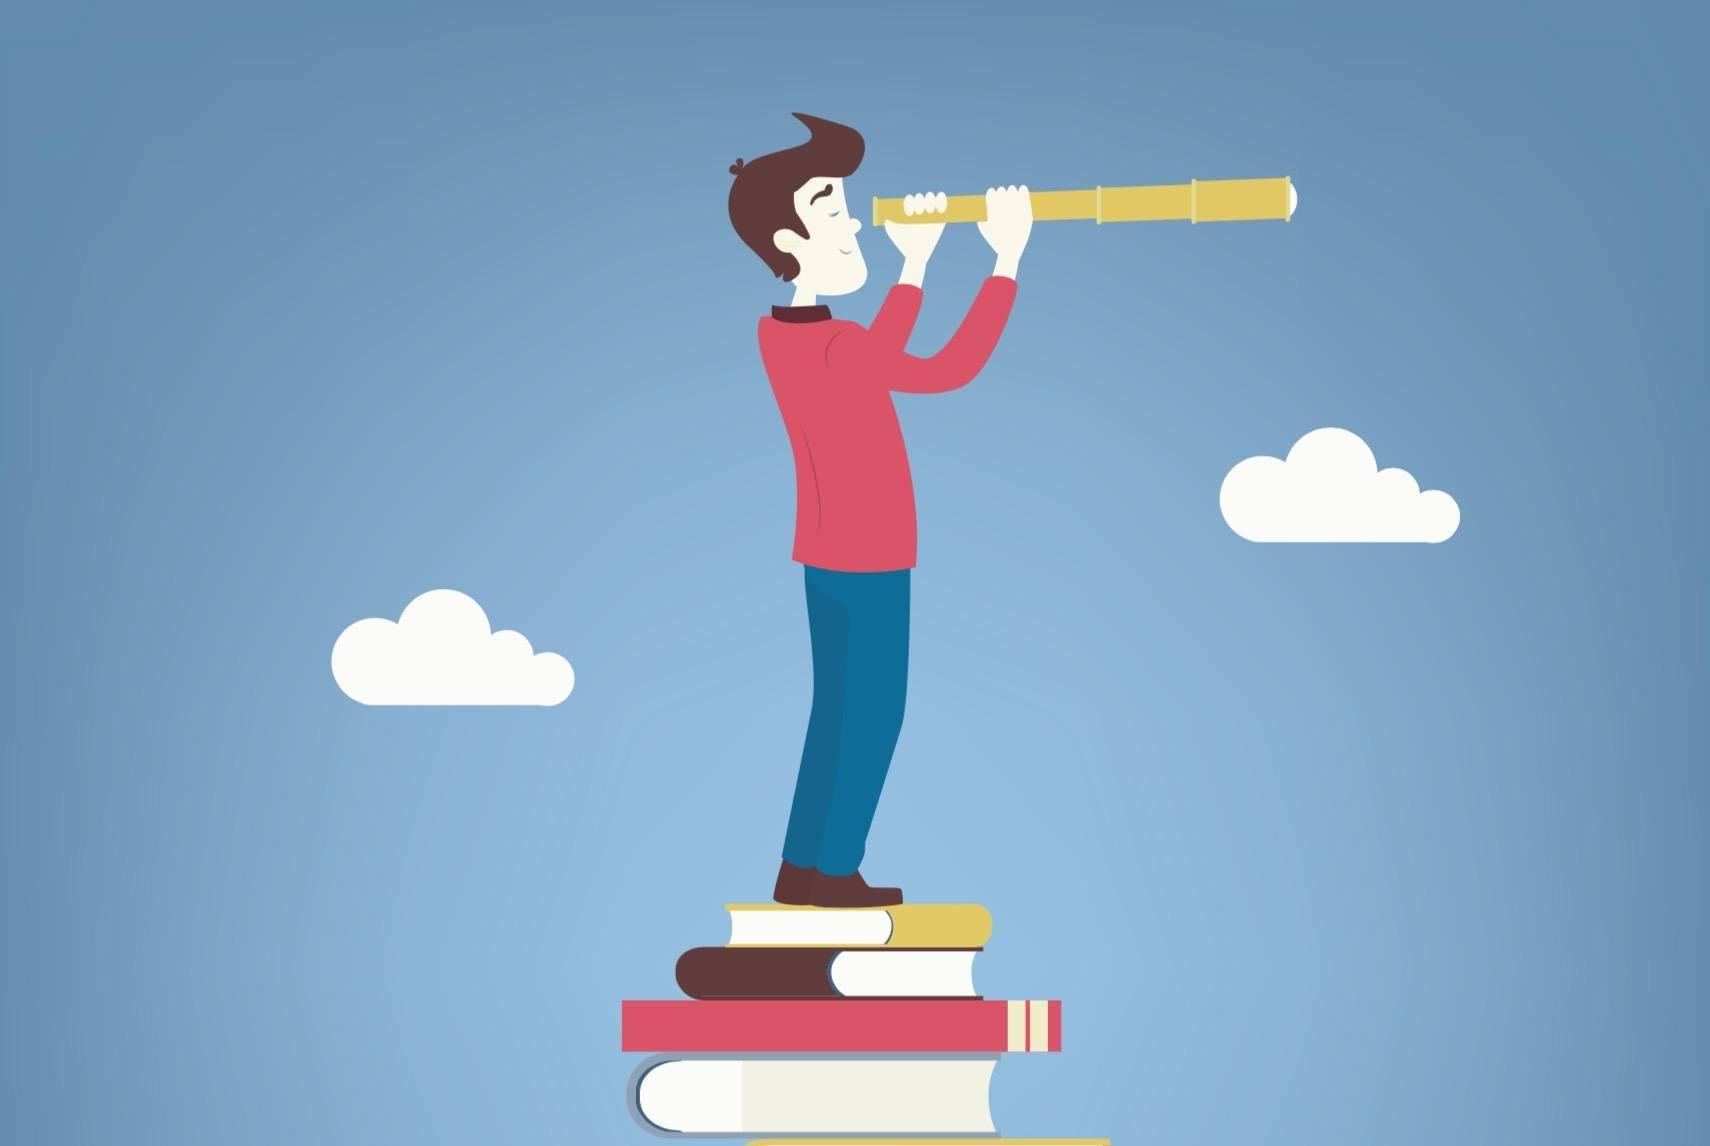 鸟哥笔记,行业动态,郑卓然,行业动态,用户研究,教育,知识付费